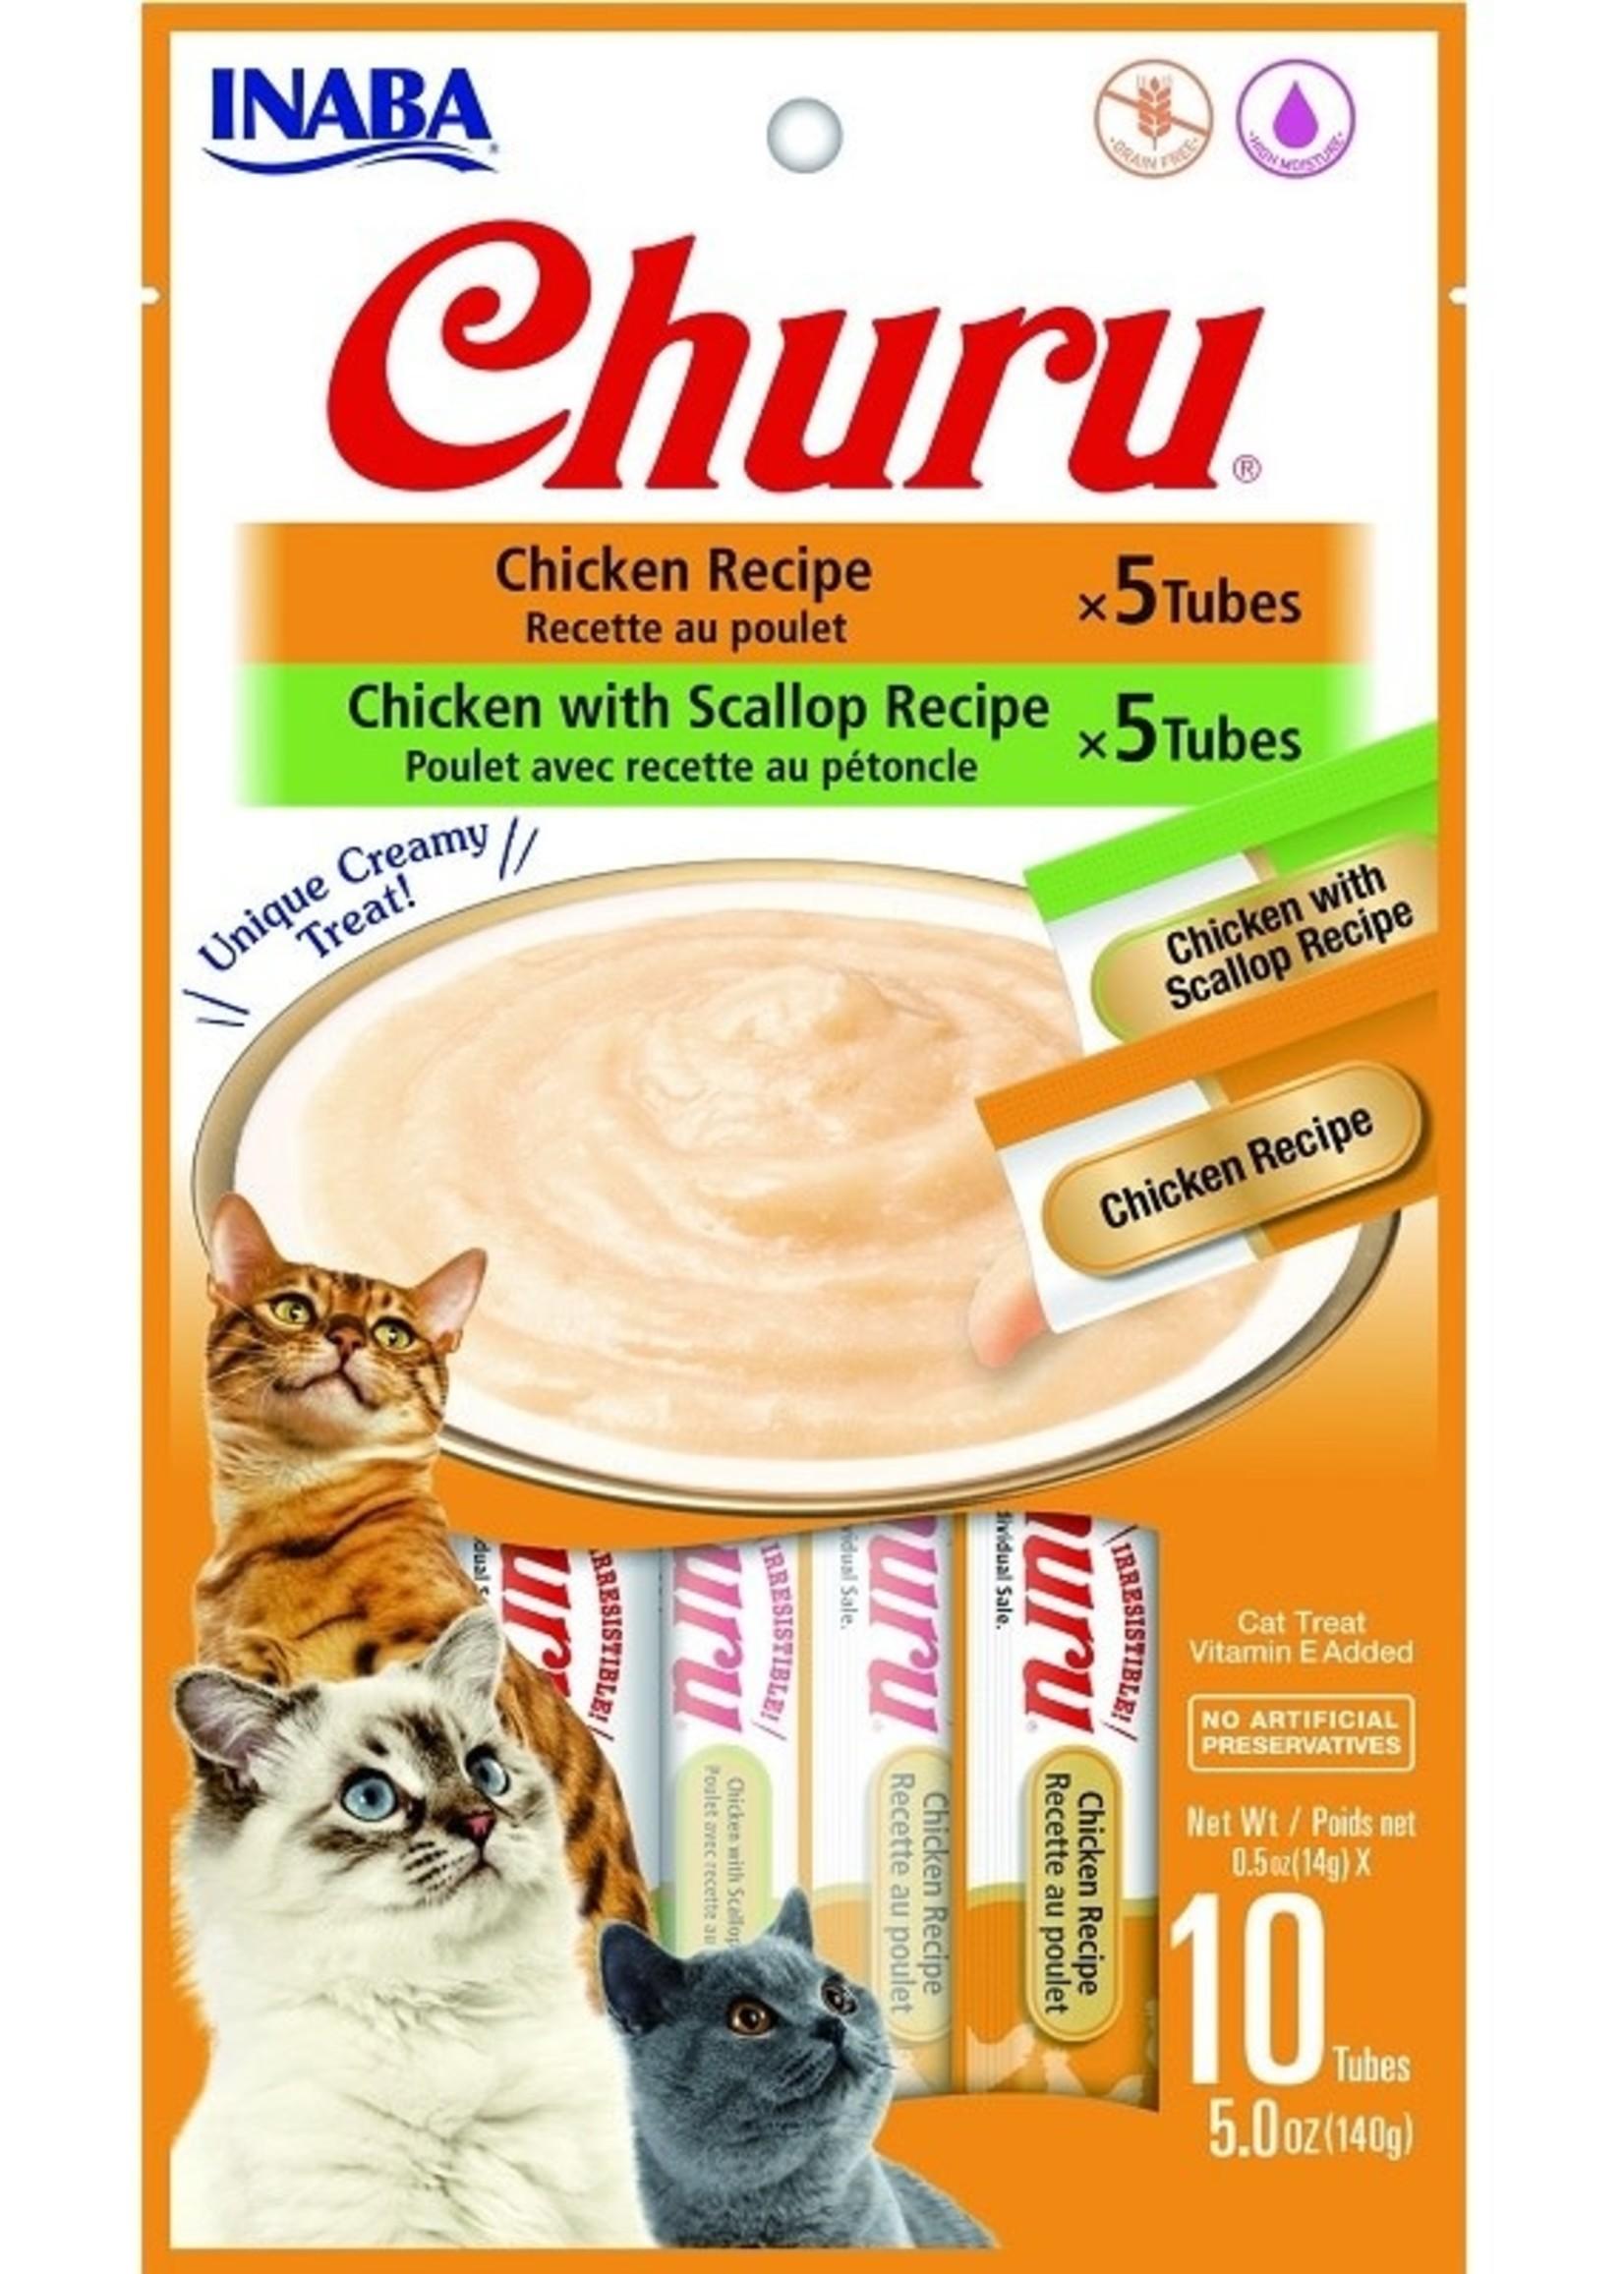 Inaba Churu Cat Puree Chicken Variety 10pk 0.5oz